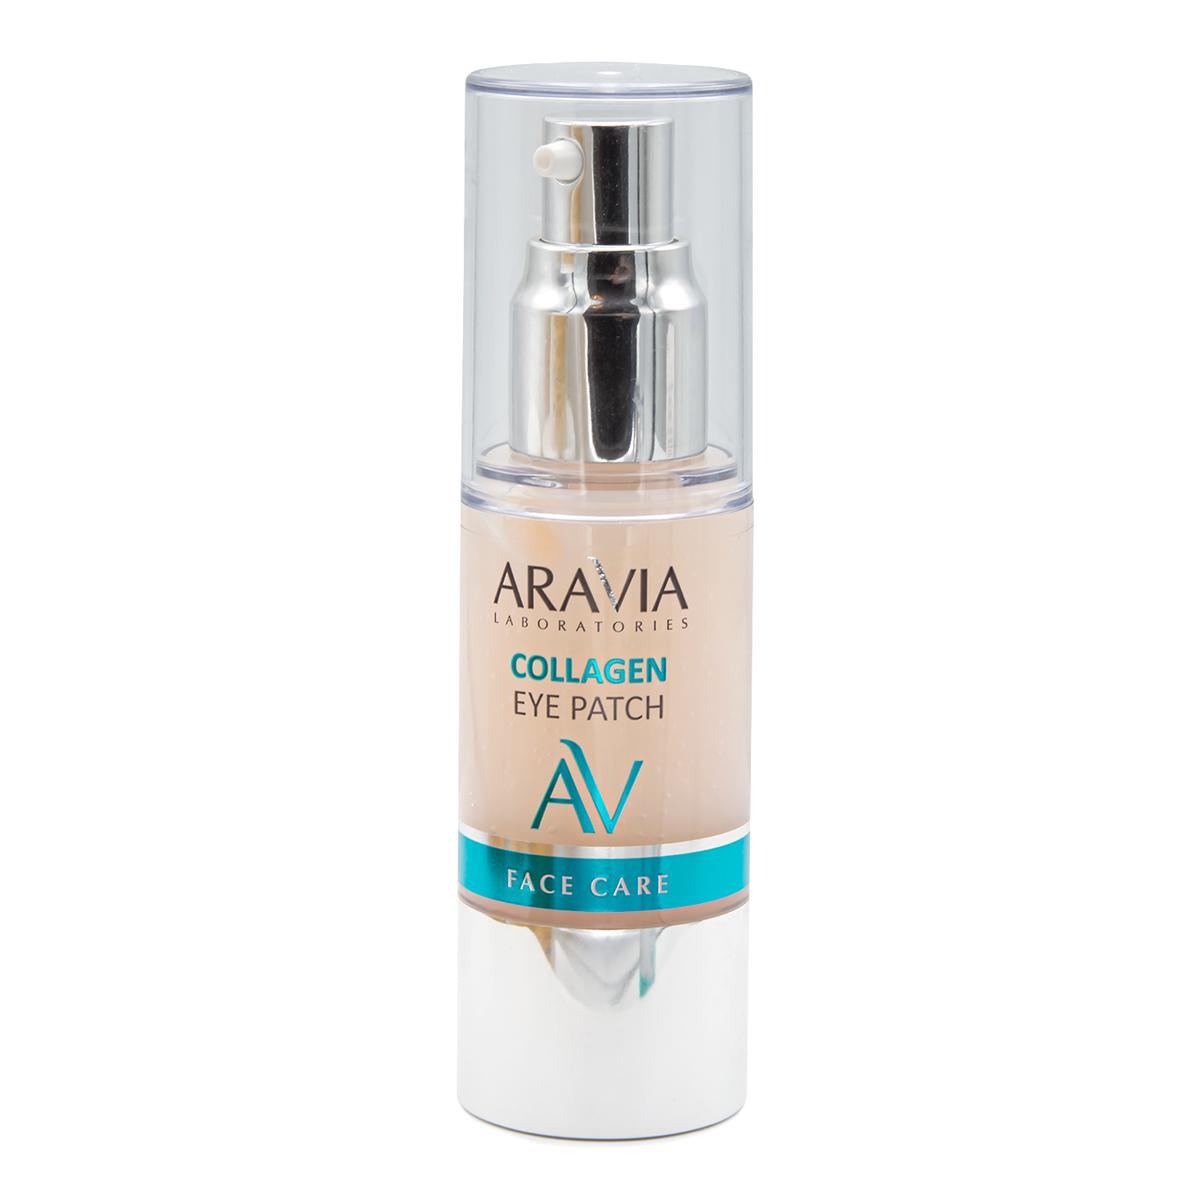 Aravia Laboratories Жидкие коллагеновые патчи Collagen Eye Patch, 30 мл (Aravia Laboratories, Уход за лицом)